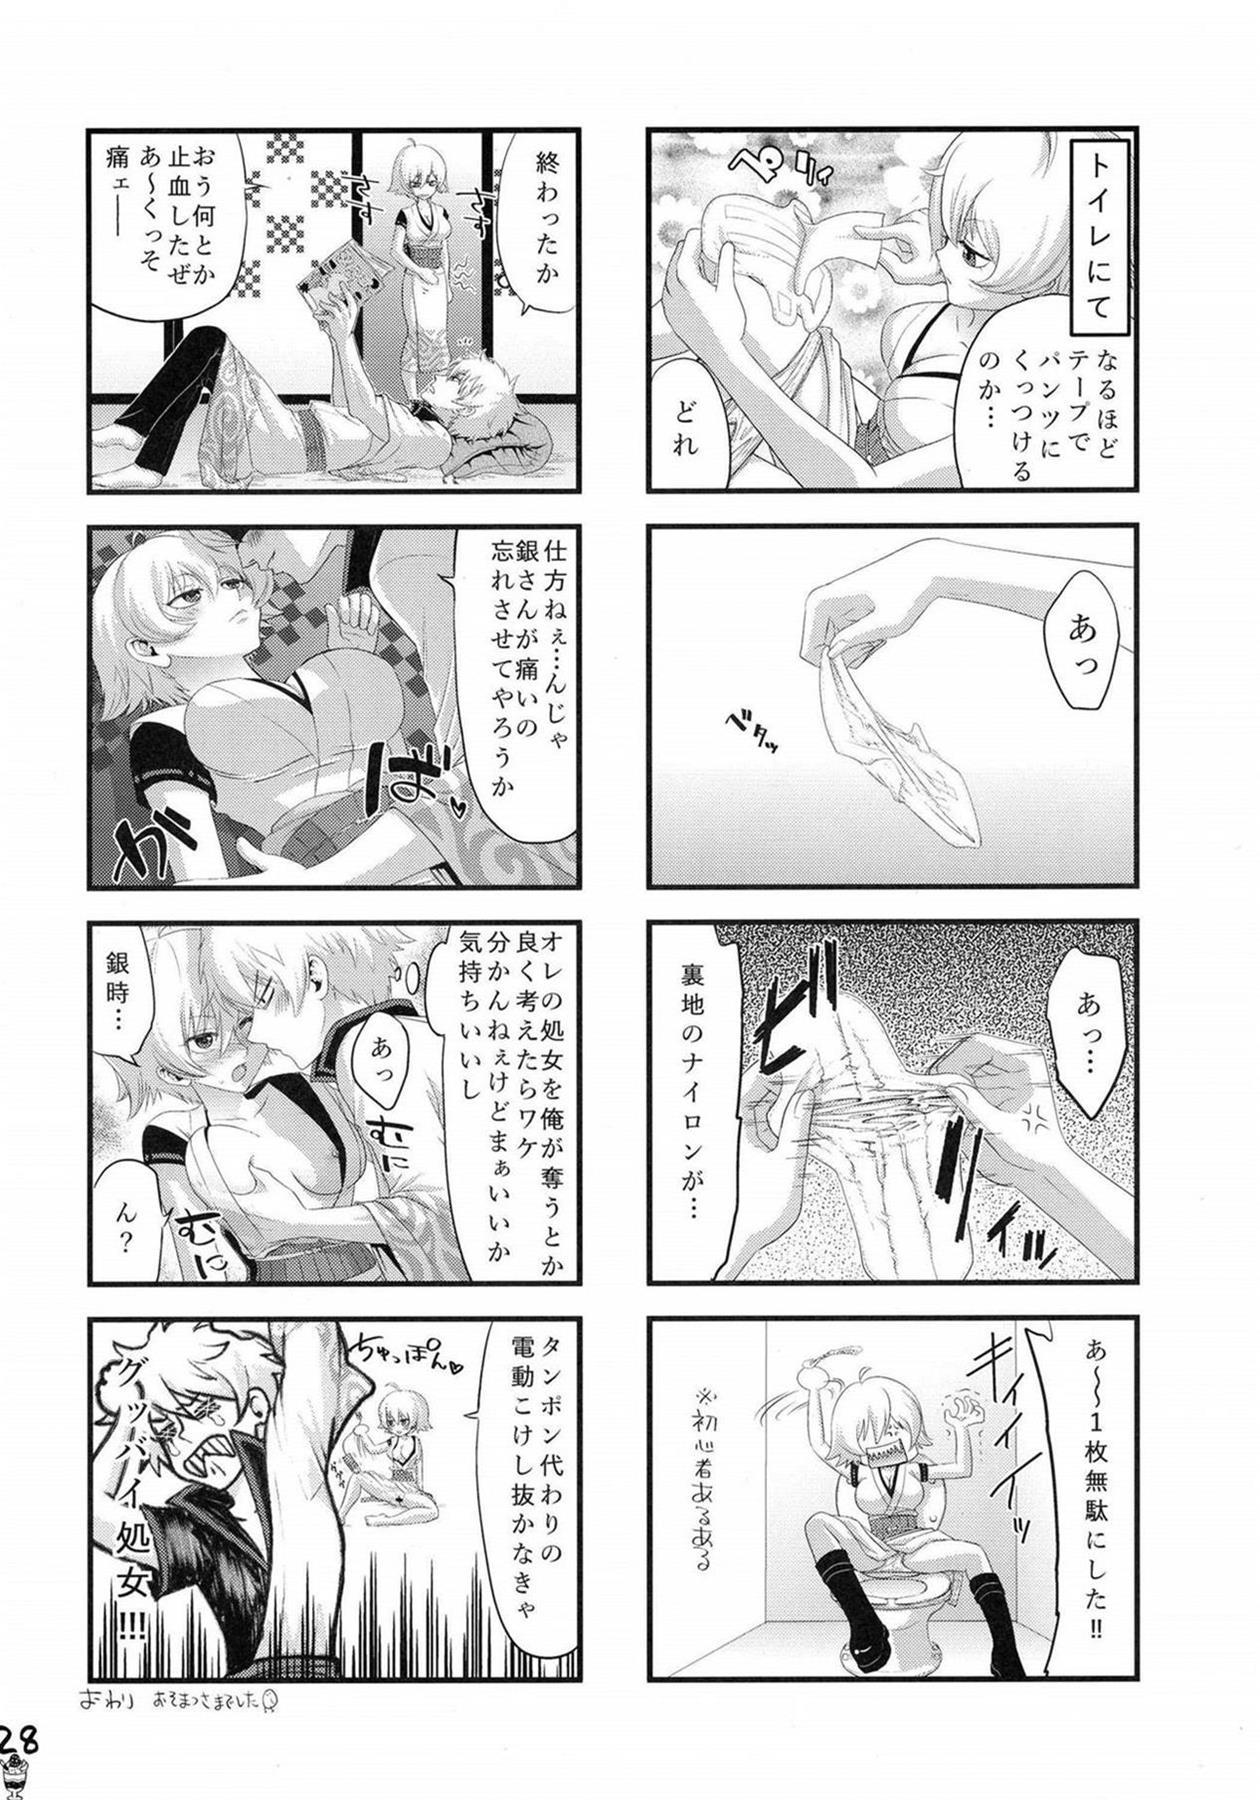 【銀魂 エロ漫画・エロ同人】体の相性ばっちりの銀さんと銀子ちゃんがヤりまくって孕んじまってボテ腹母乳プレイwwwww (30)